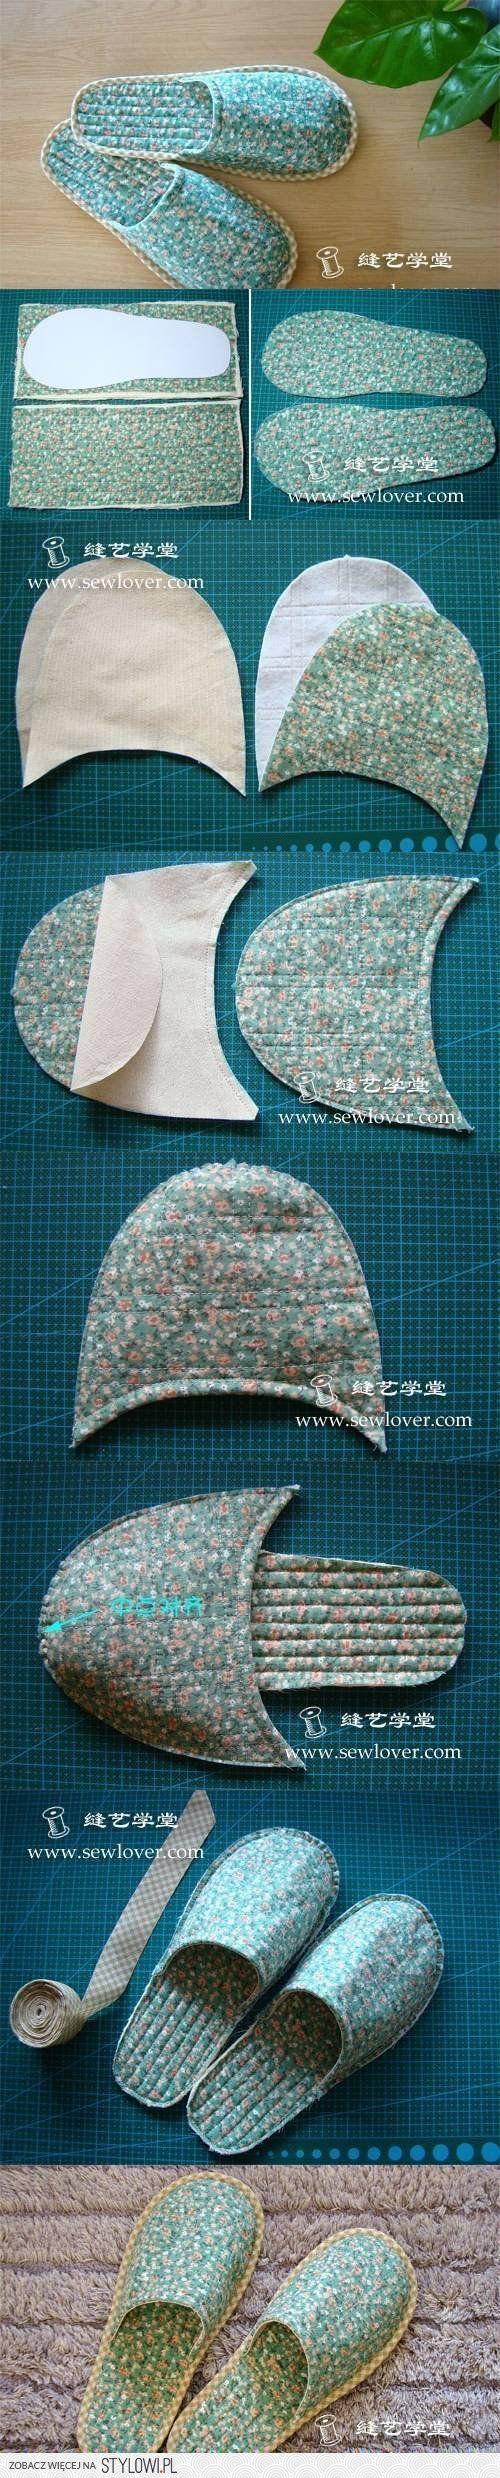 DIY Sew Slipper DIY Projects   UsefulDIY.com na Stylowi.pl